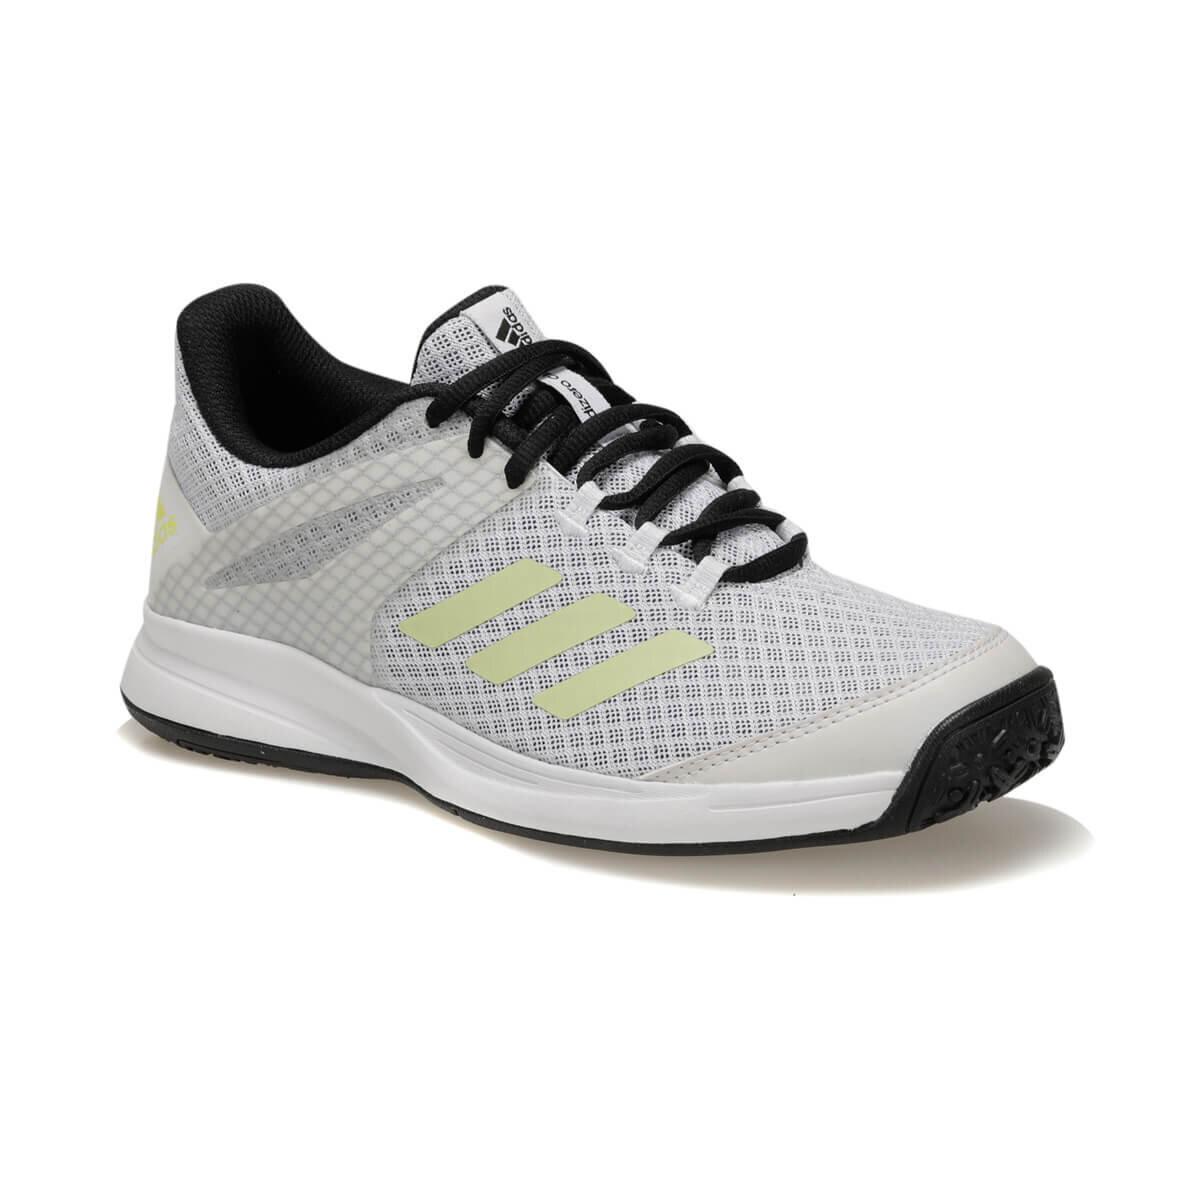 BEYAZ Erkek Tenis Ayakkabısı ADIZERO CLUB OC